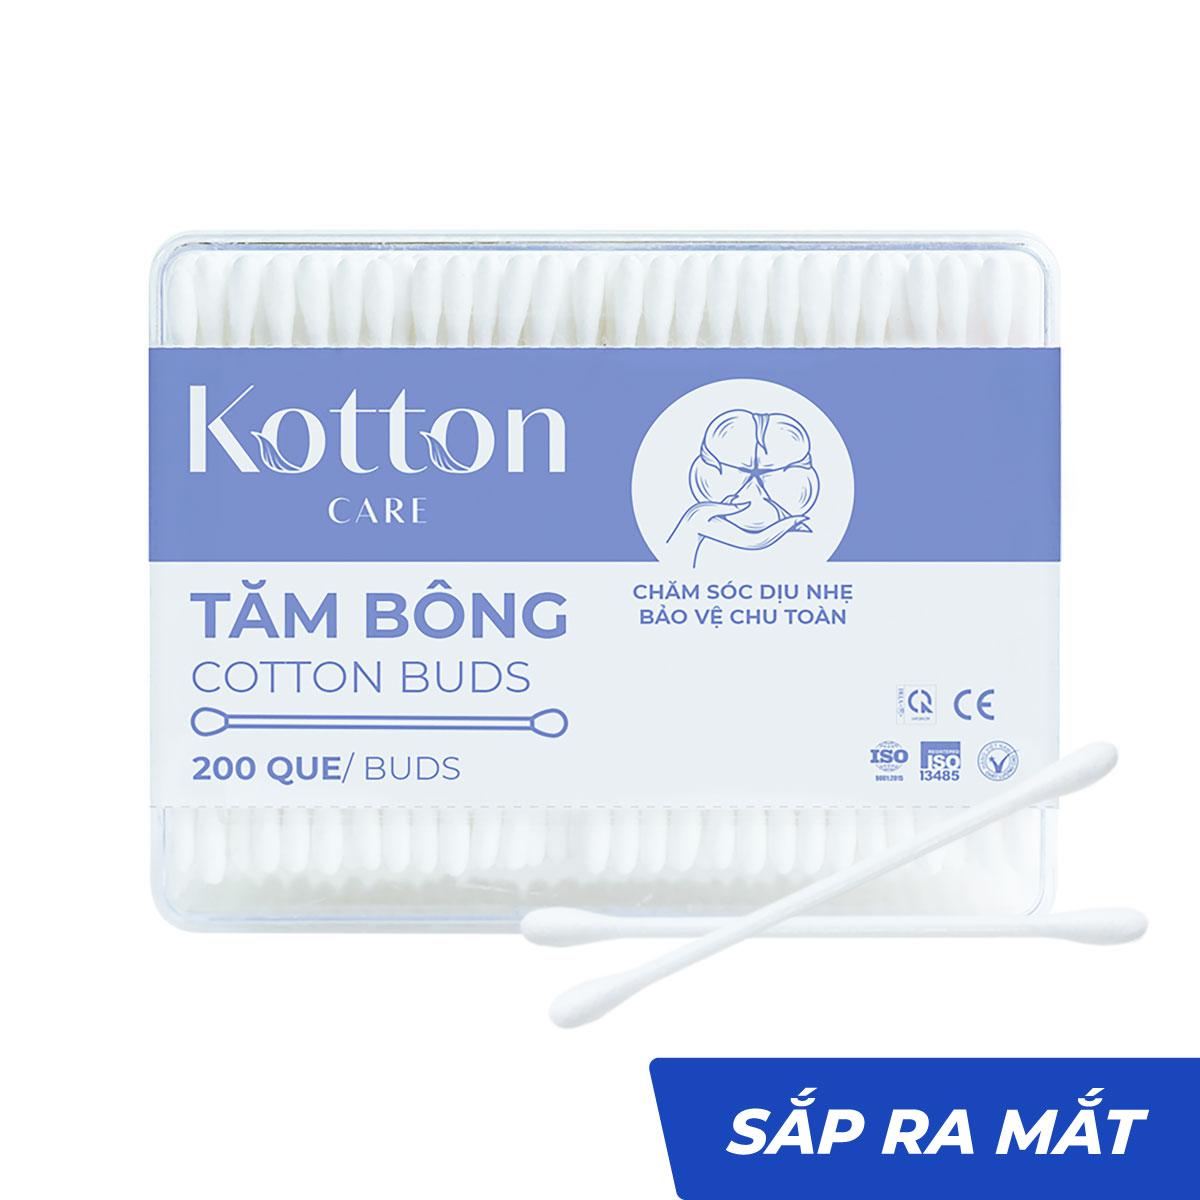 Tăm bông thân nhựa hộp chữ nhật 200 que Kotton Care